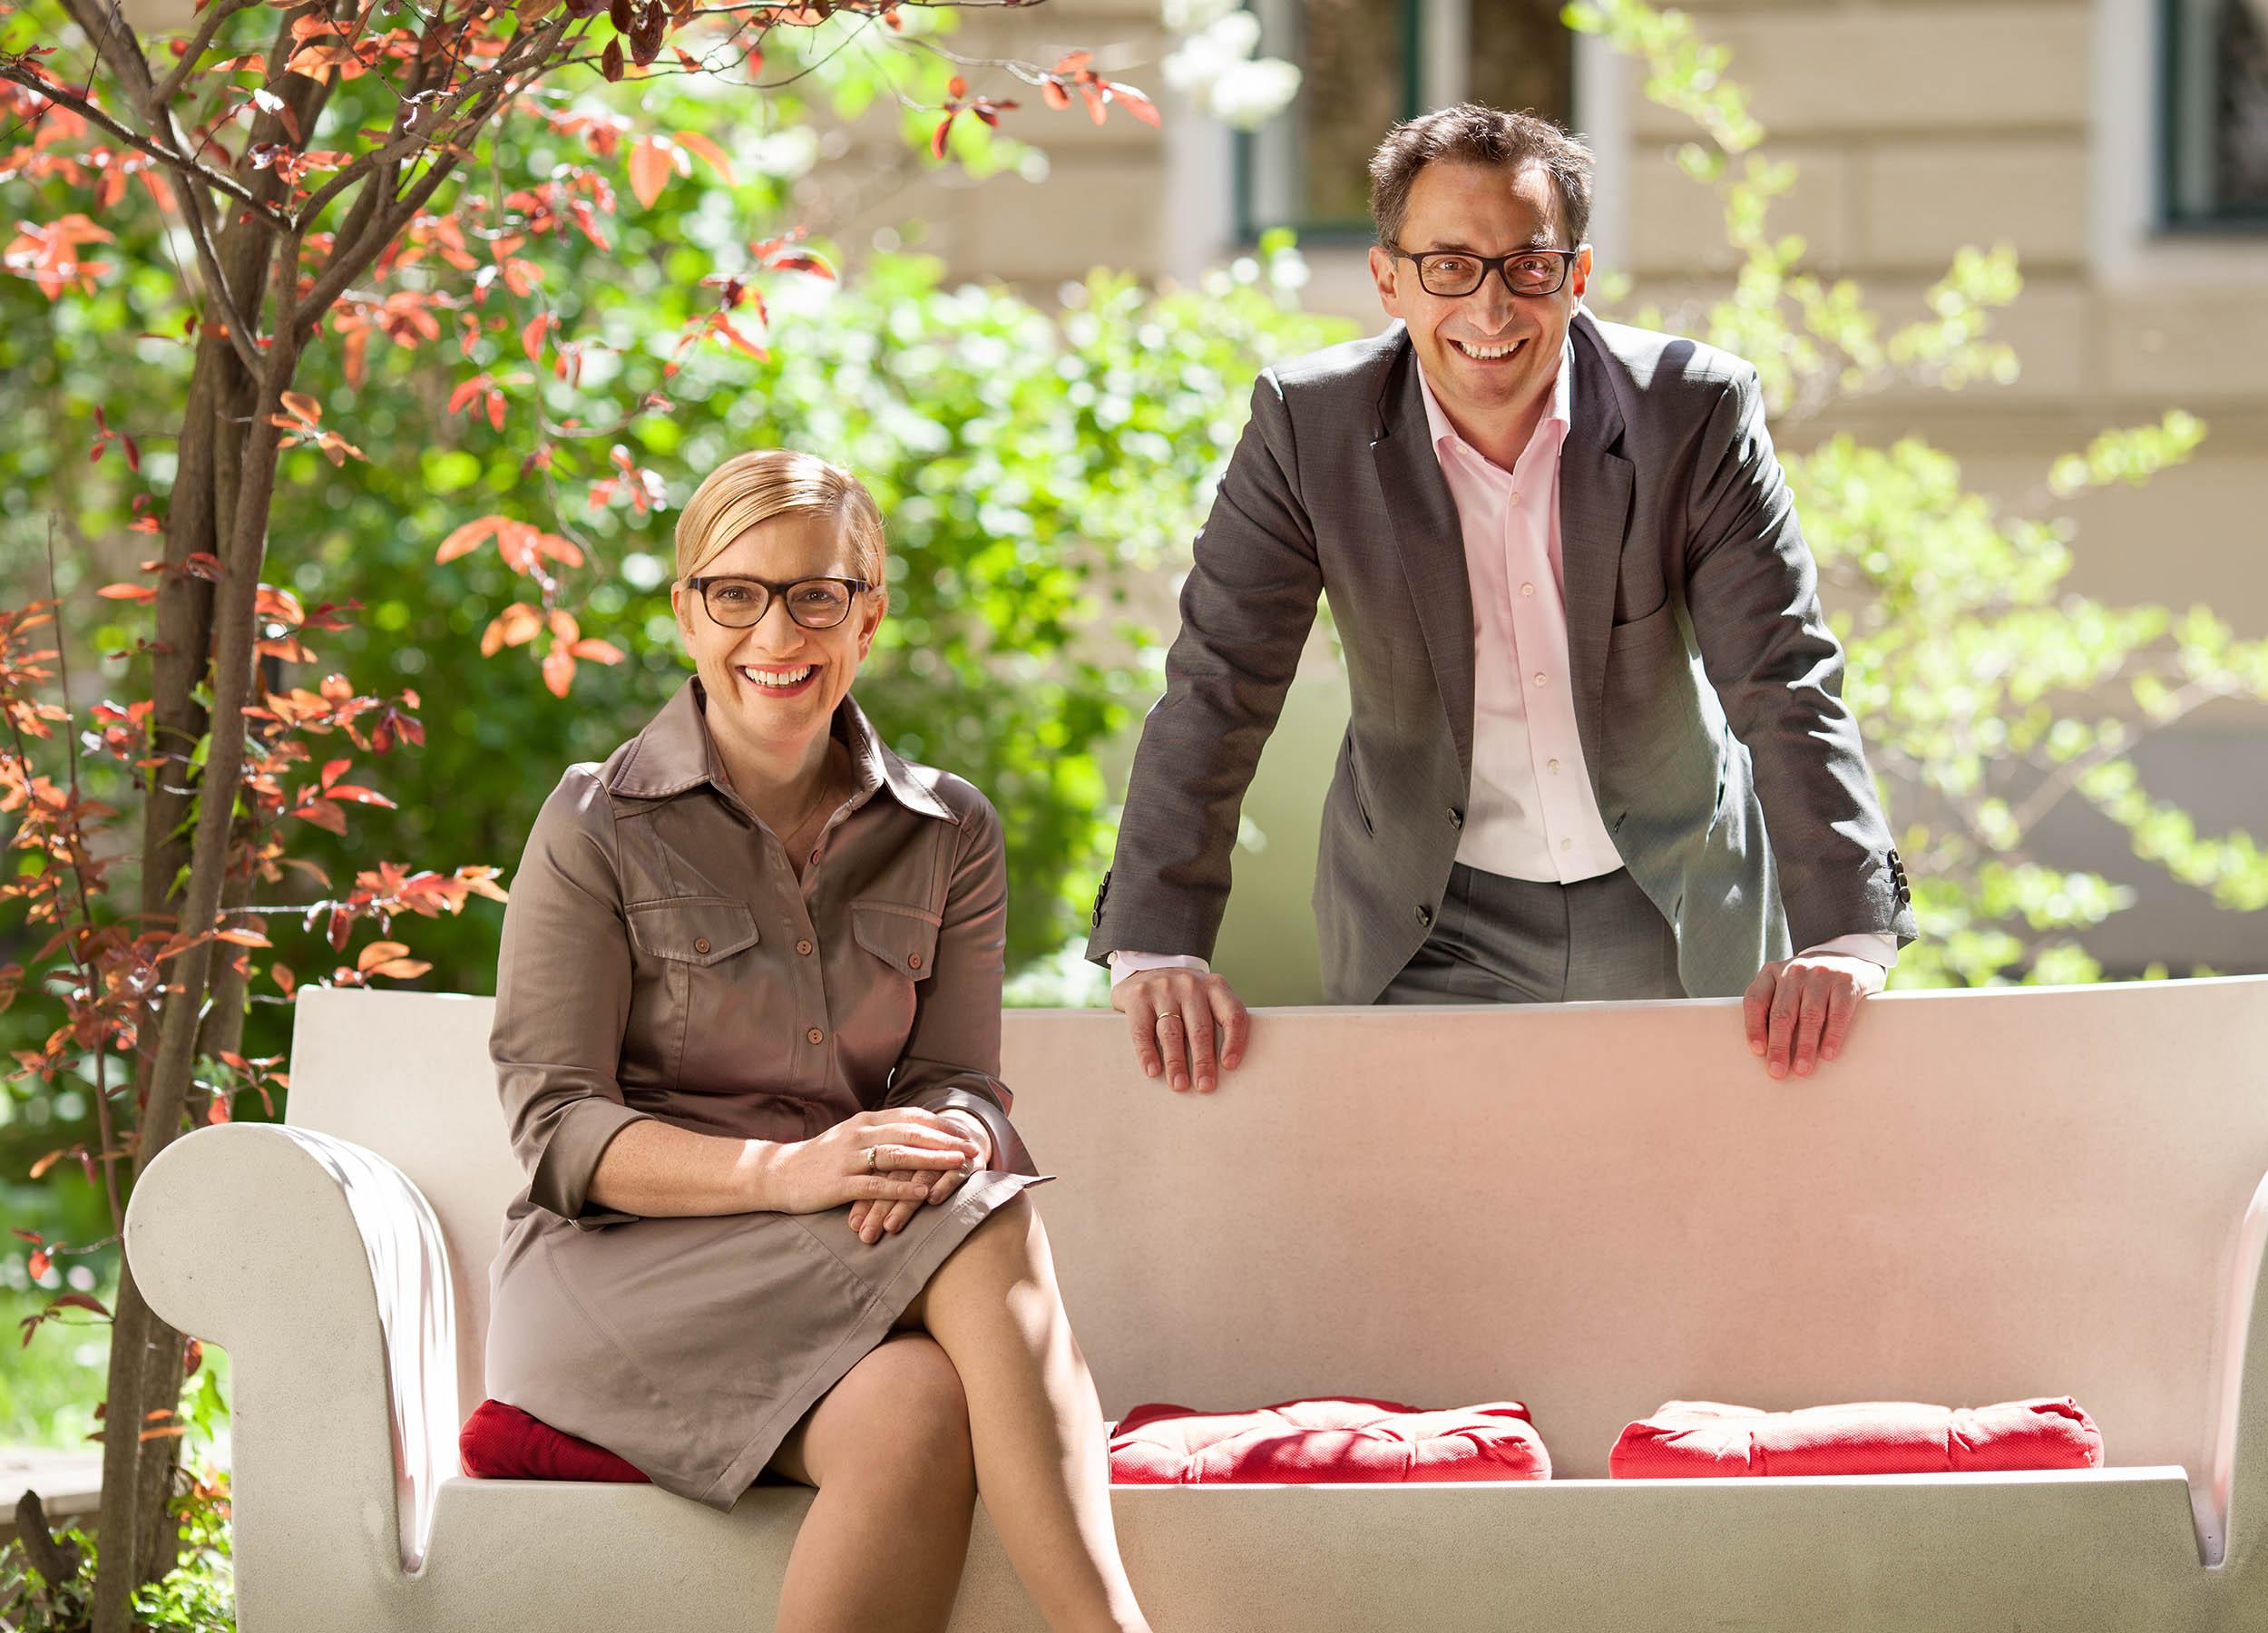 Nicole Bäck & Axel Zuschmann, Ecker & Partner